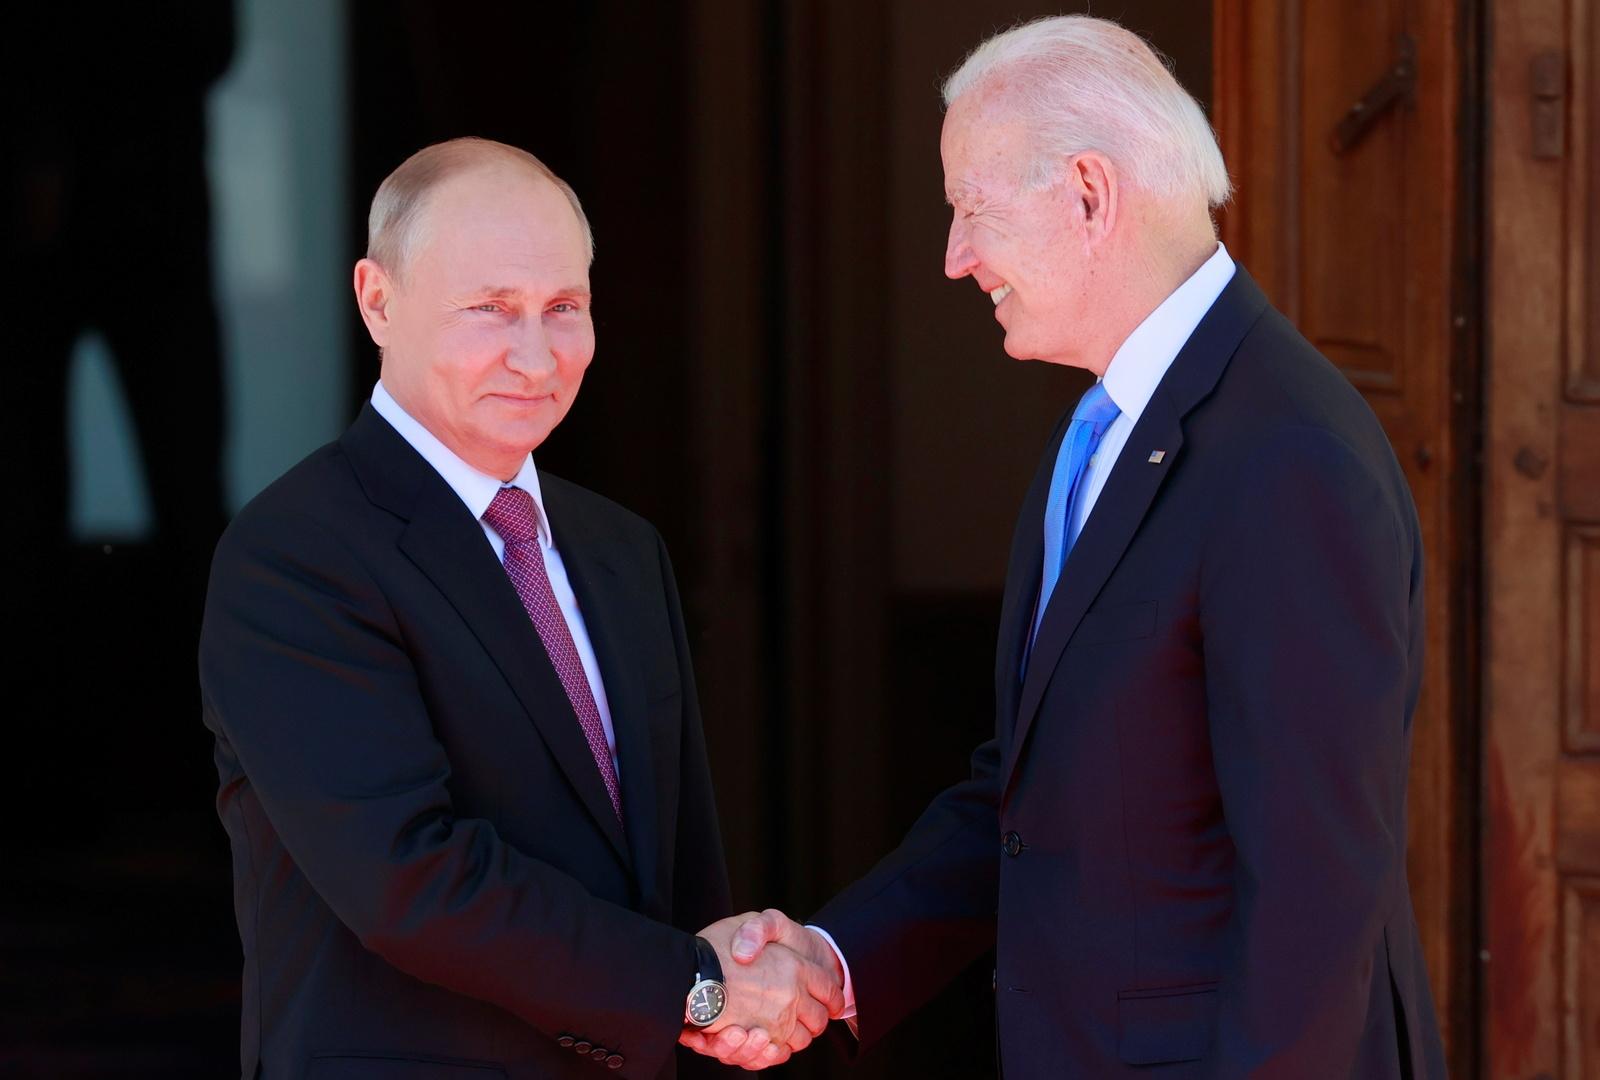 بومبيو: بوتين يرى ضعف بايدن.. ويجب أن يكون أكثر صرامة مع روسيا